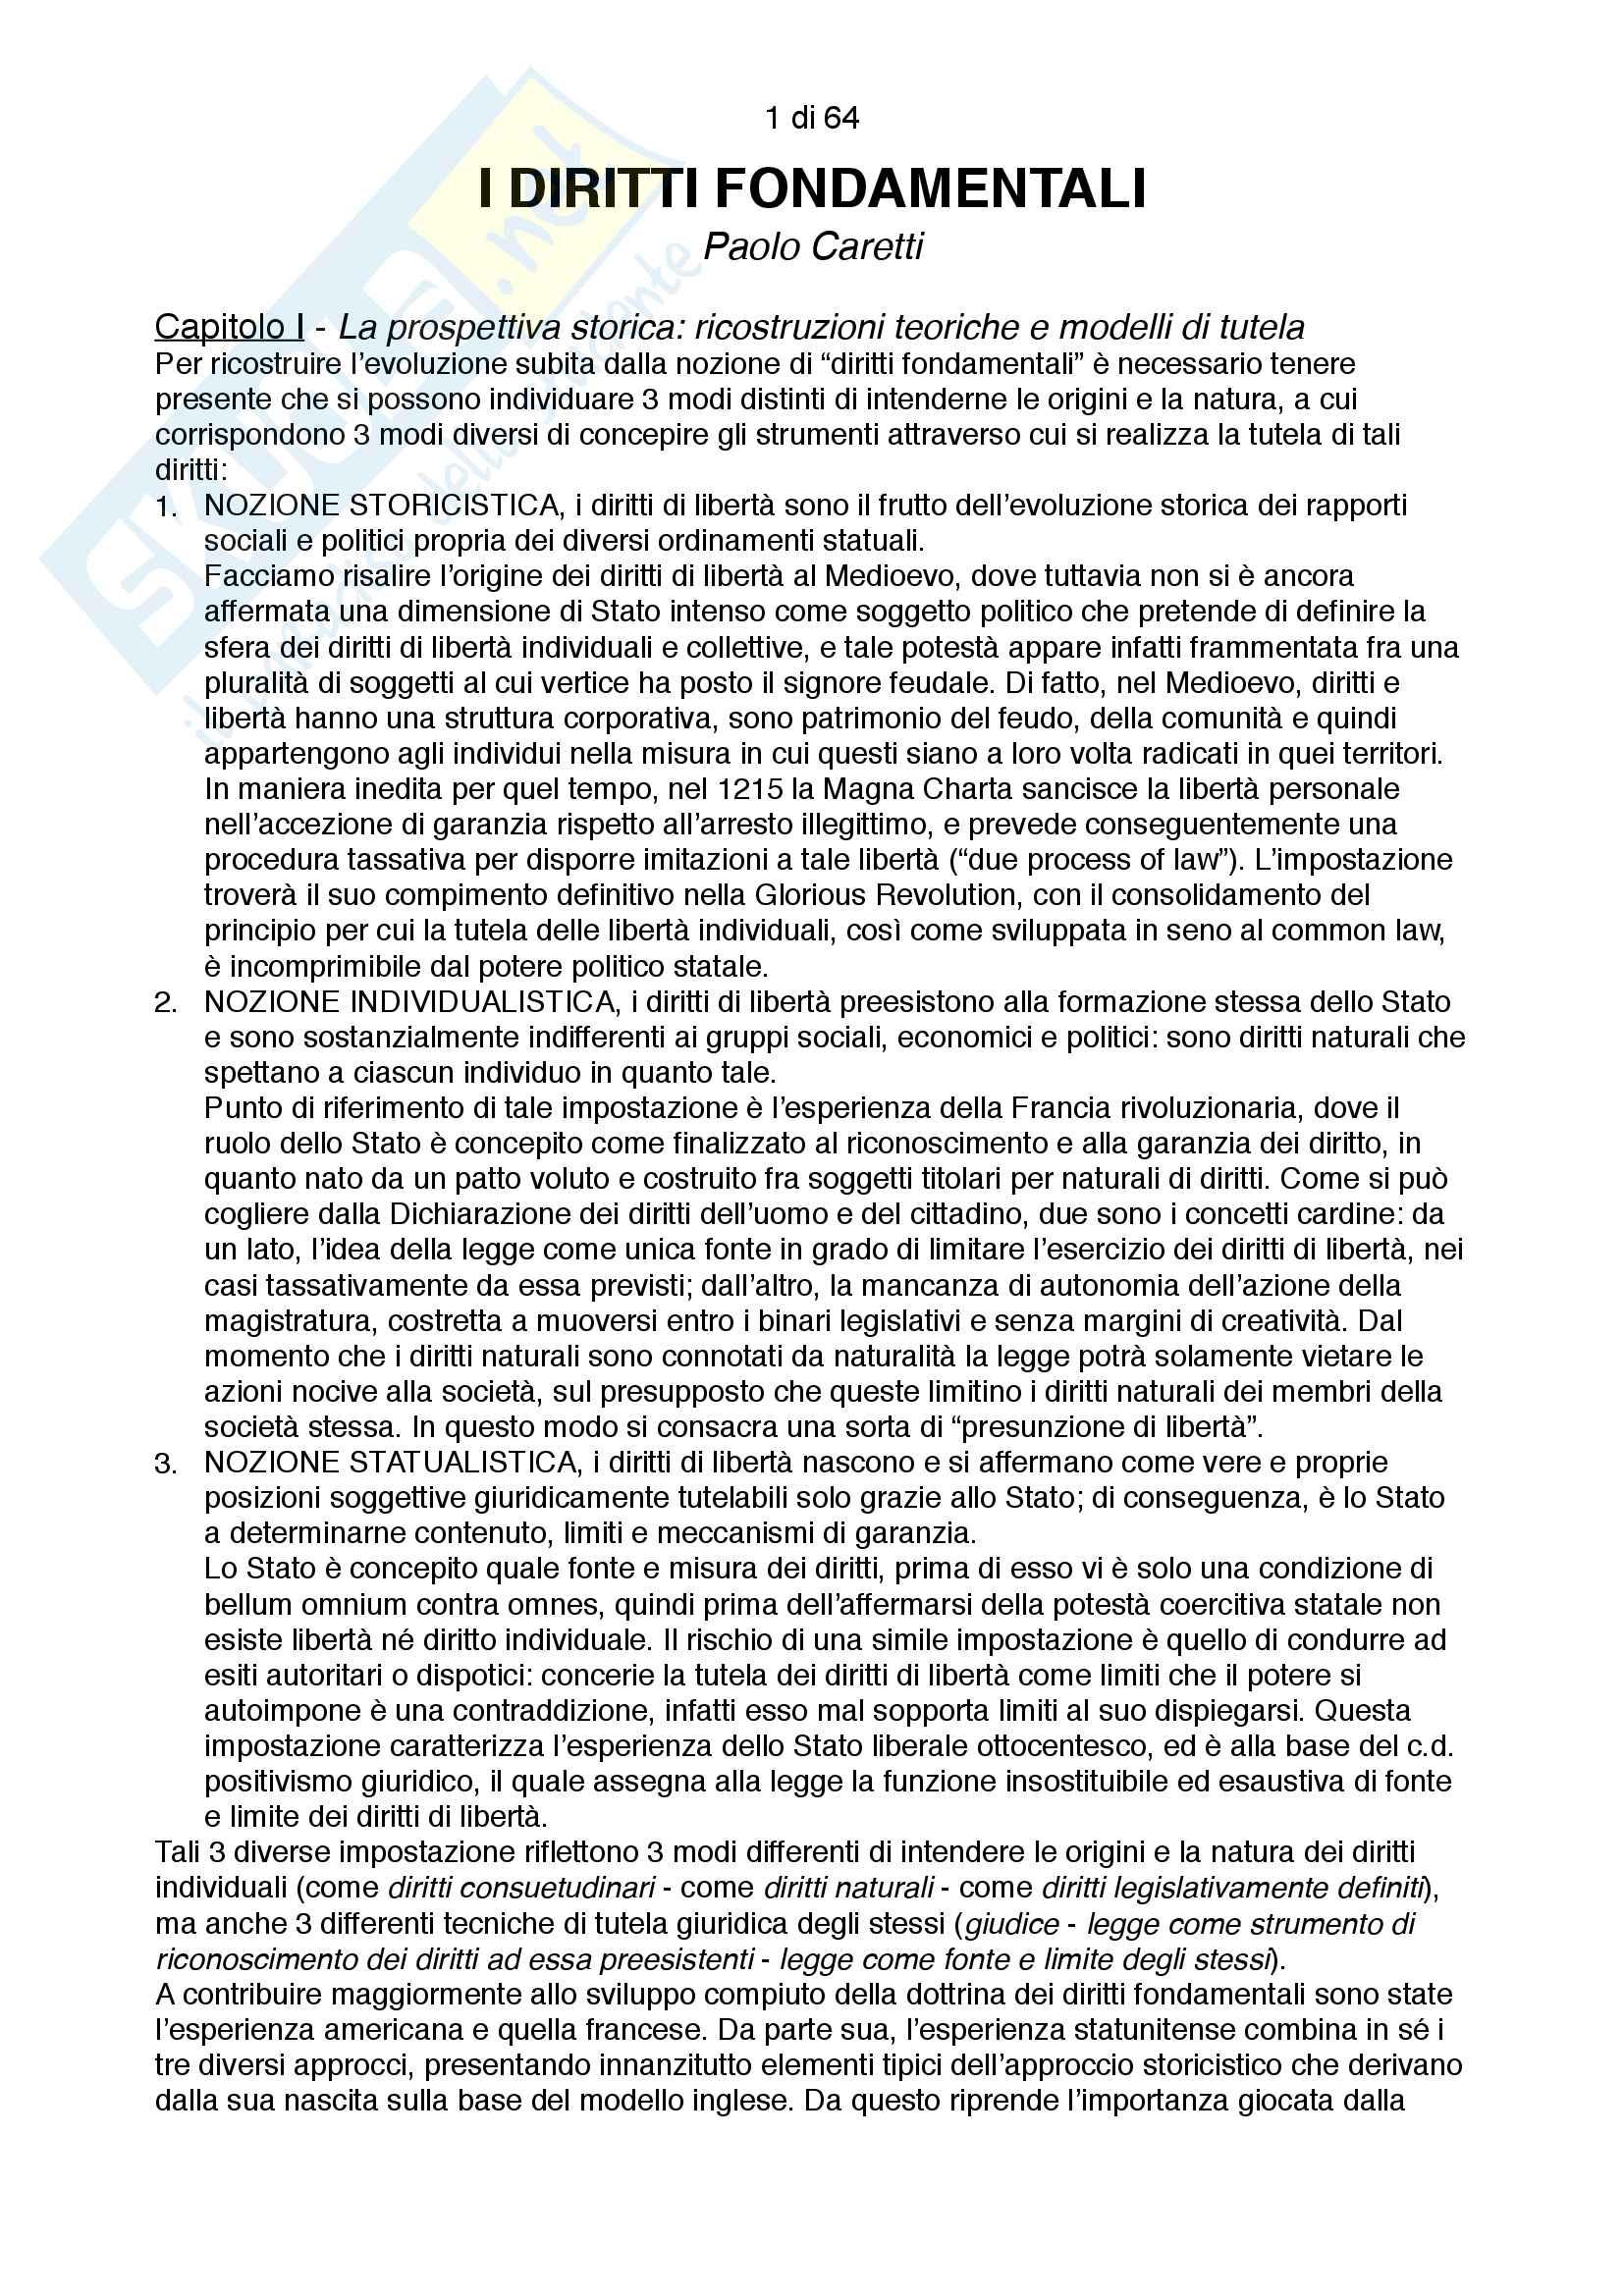 Riassunto esame costituzionale II, testo consigliato I diritti fondamentali, autore Paolo Caretti